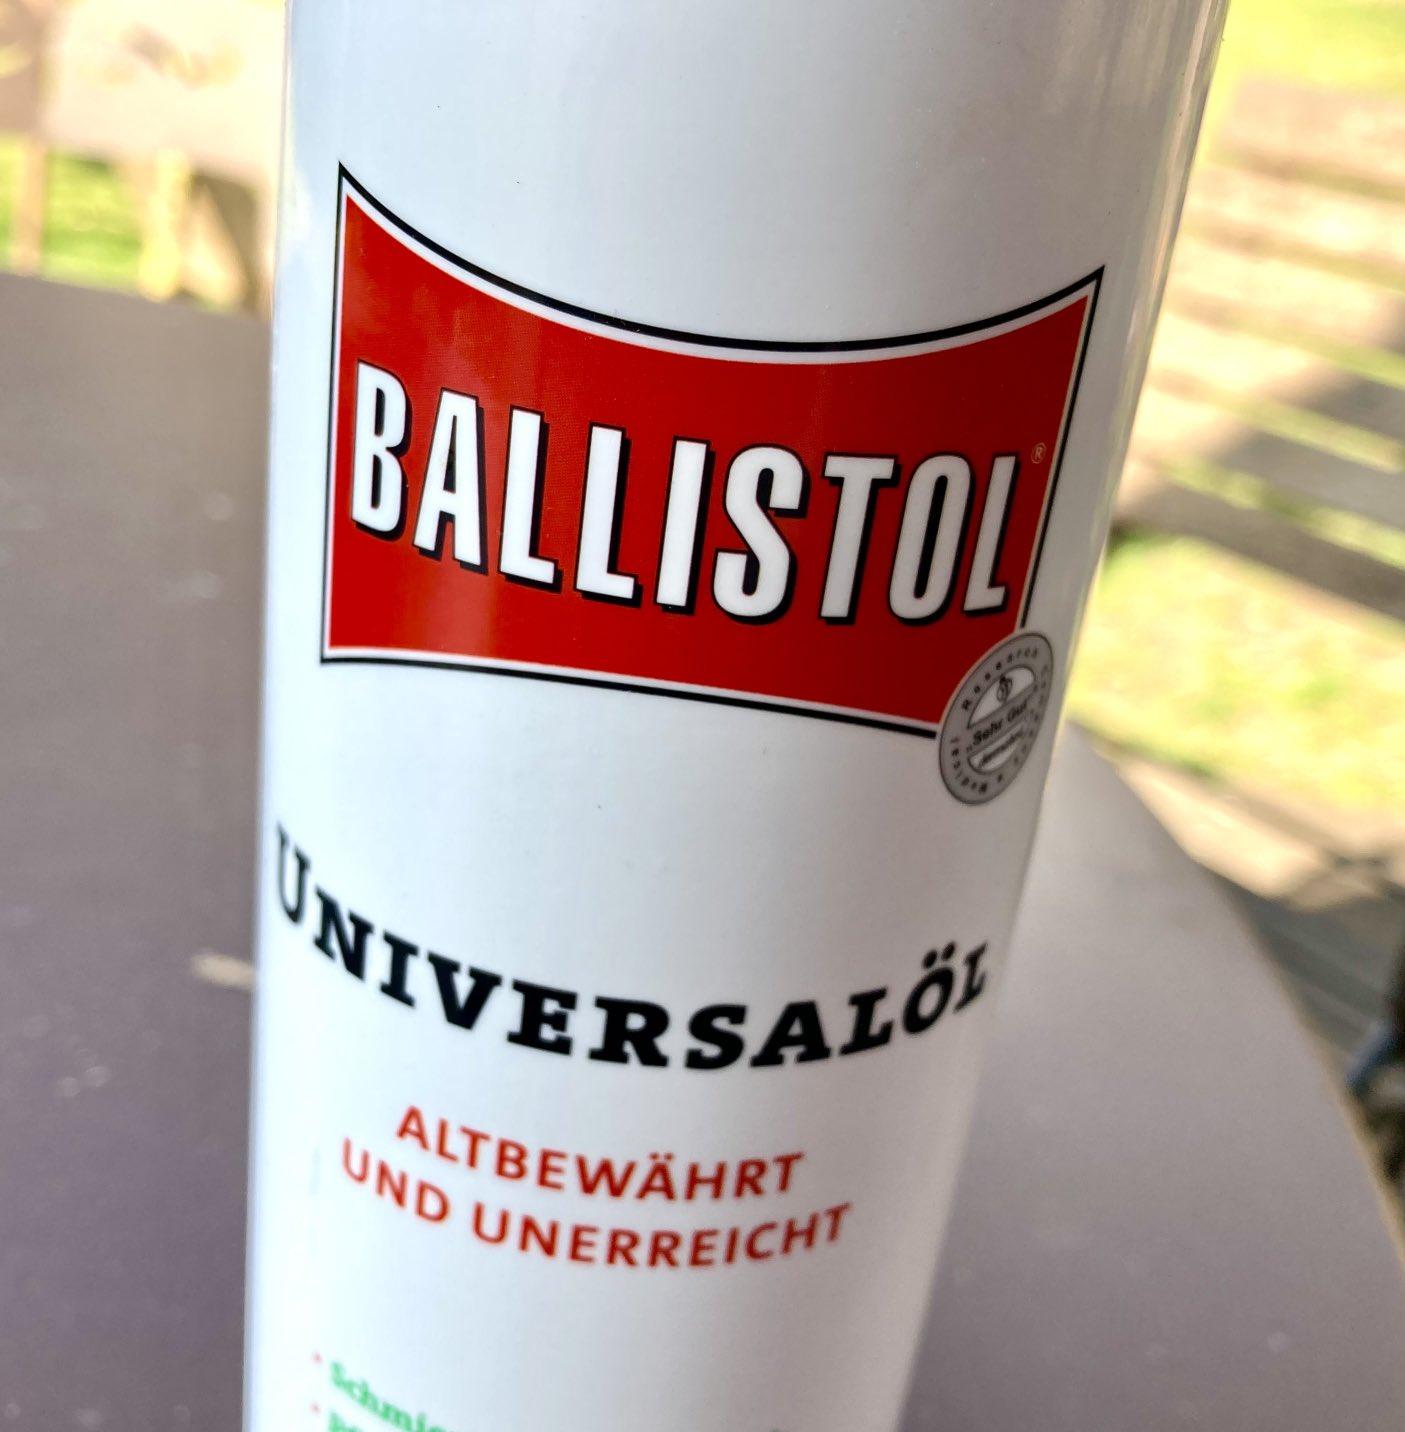 Wirkung bekannt, Zutaten geheim: Ballistol